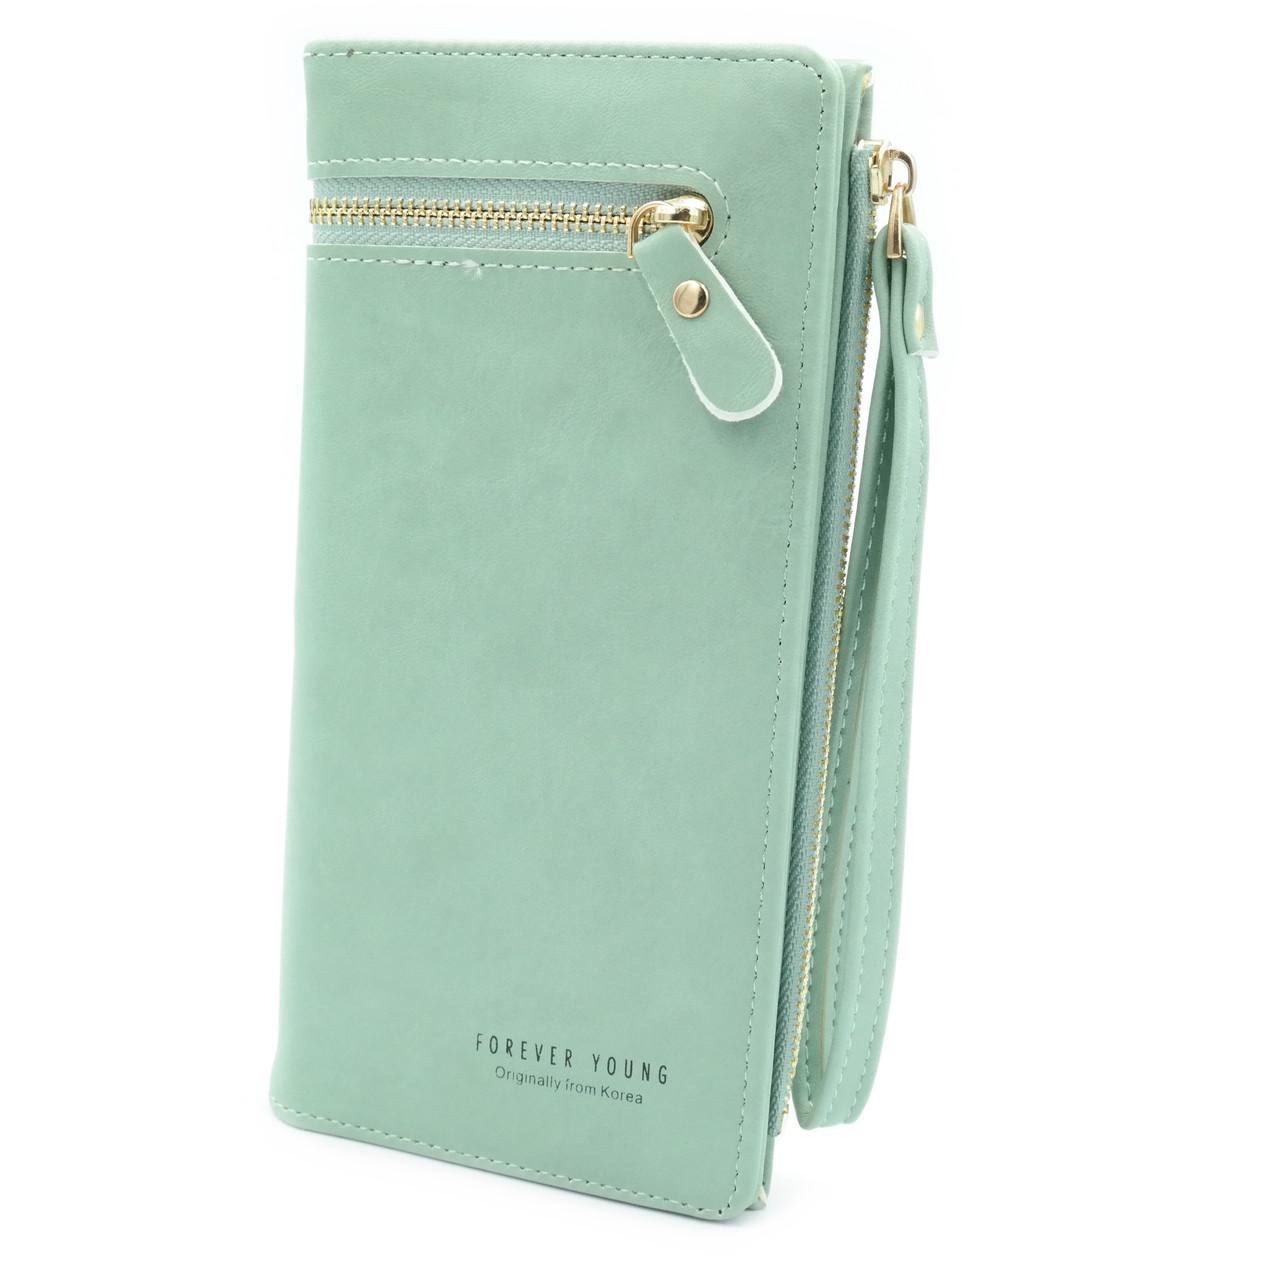 Жіночий гаманець Зелений Гаманець з еко шкіри для дівчини Якісний жіночий гаманець Гаманець клатч